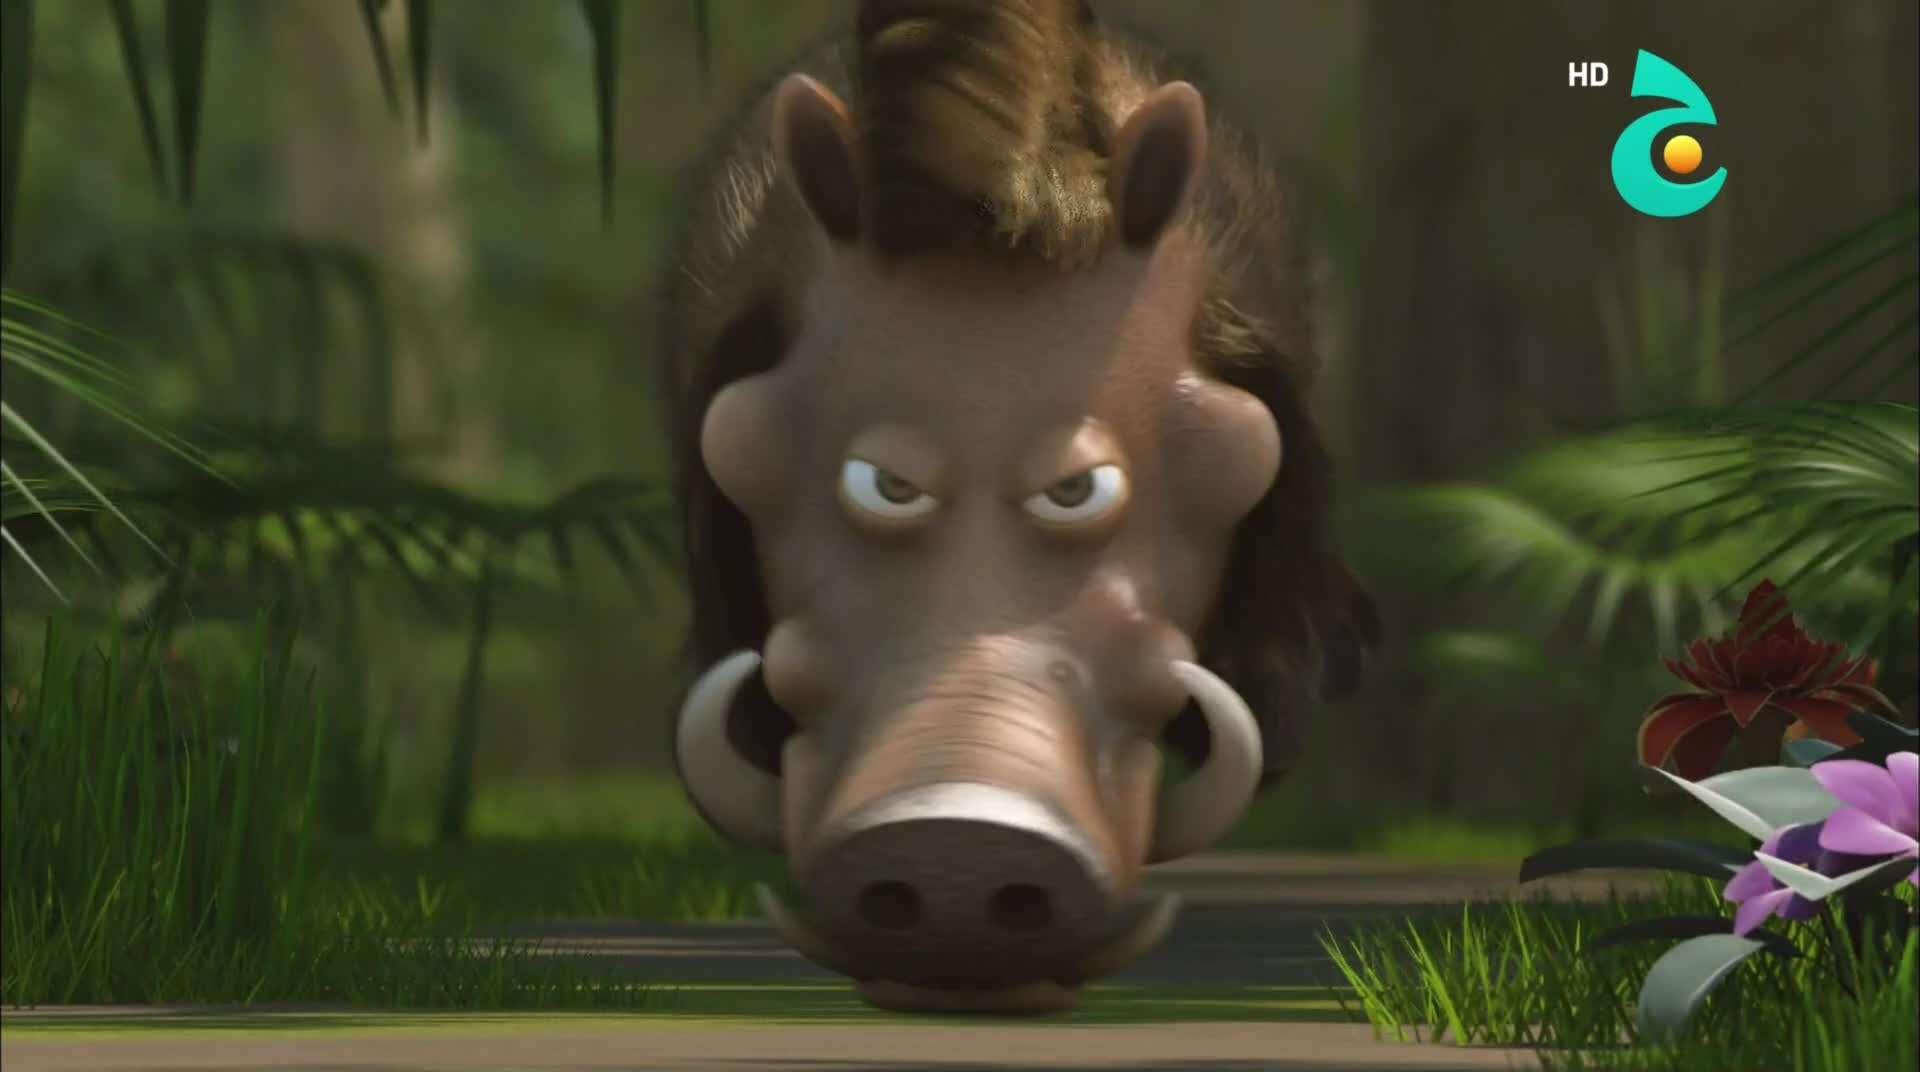 أسطورة النمر المحارب The Jungle Bunch (2011) HDTV 1080p تحميل تورنت 6 arabp2p.com